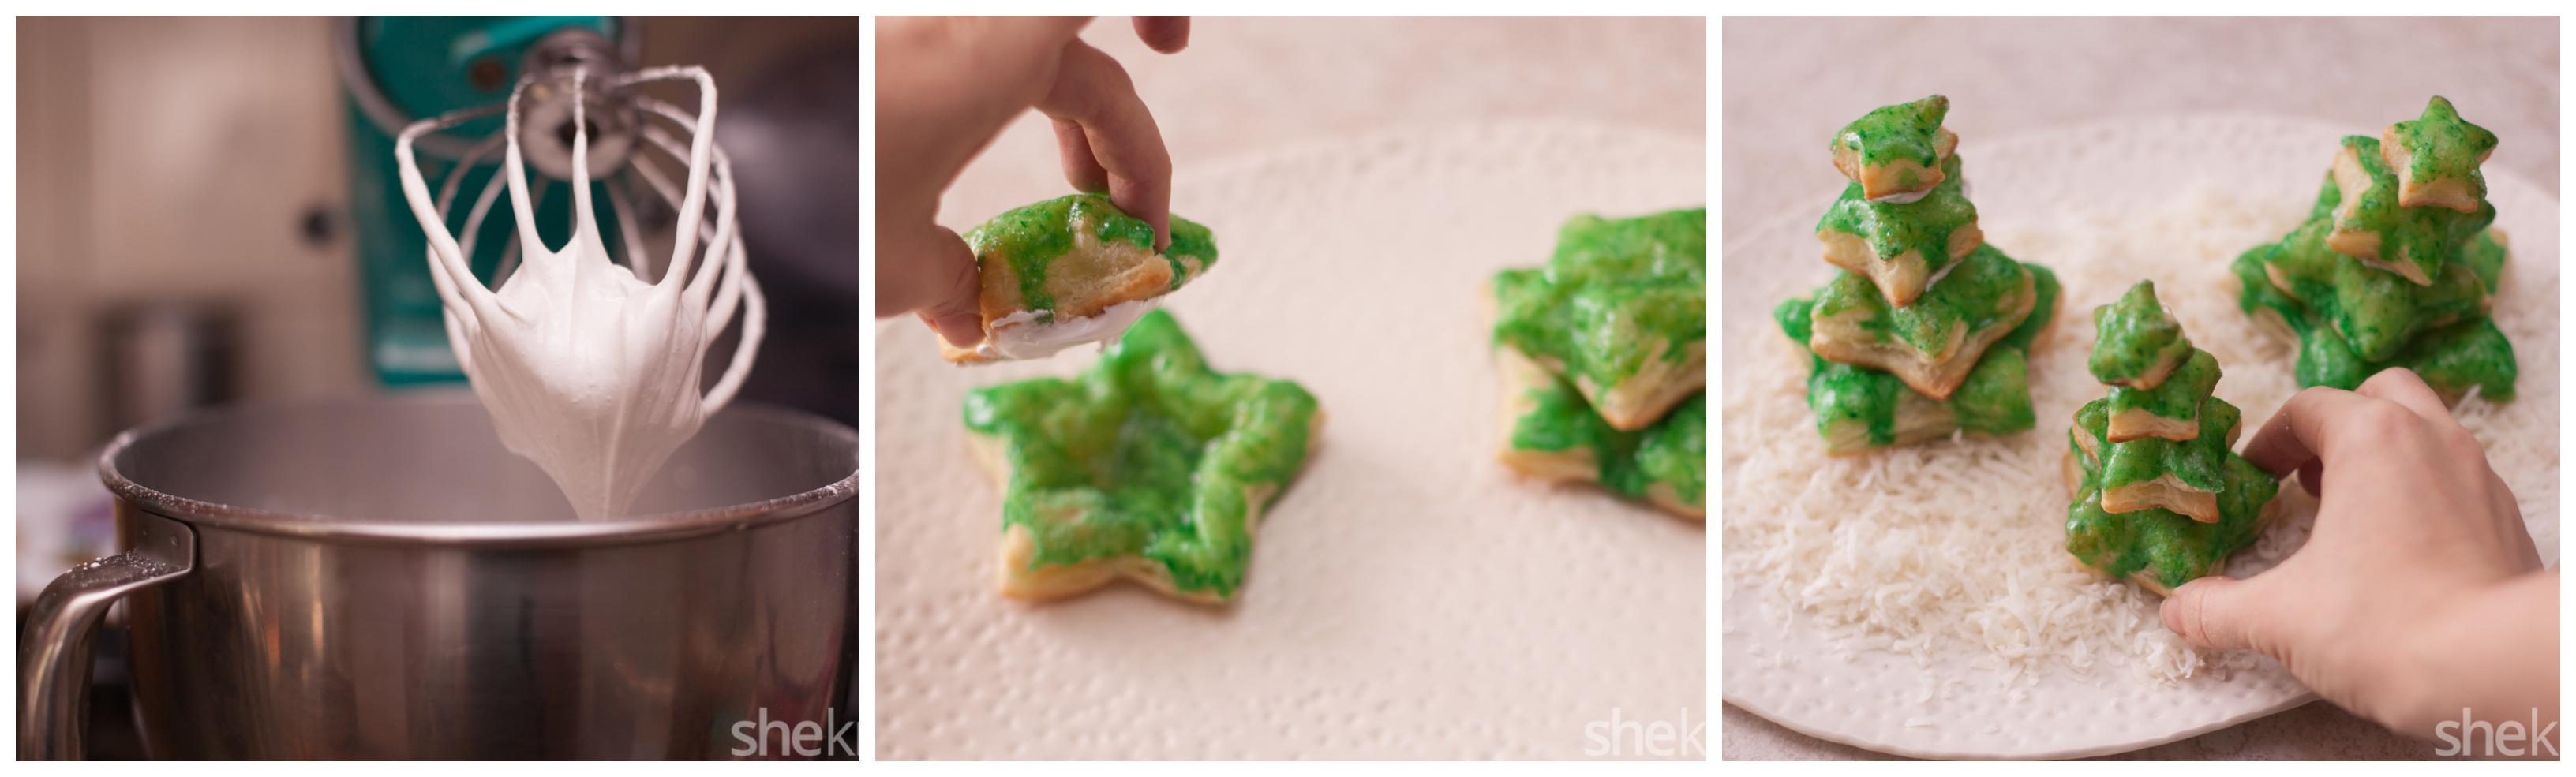 pasos para hacer postres faciles para navidad, como hacer galletas de hojaldre decoradas con colorante alimentario color verde